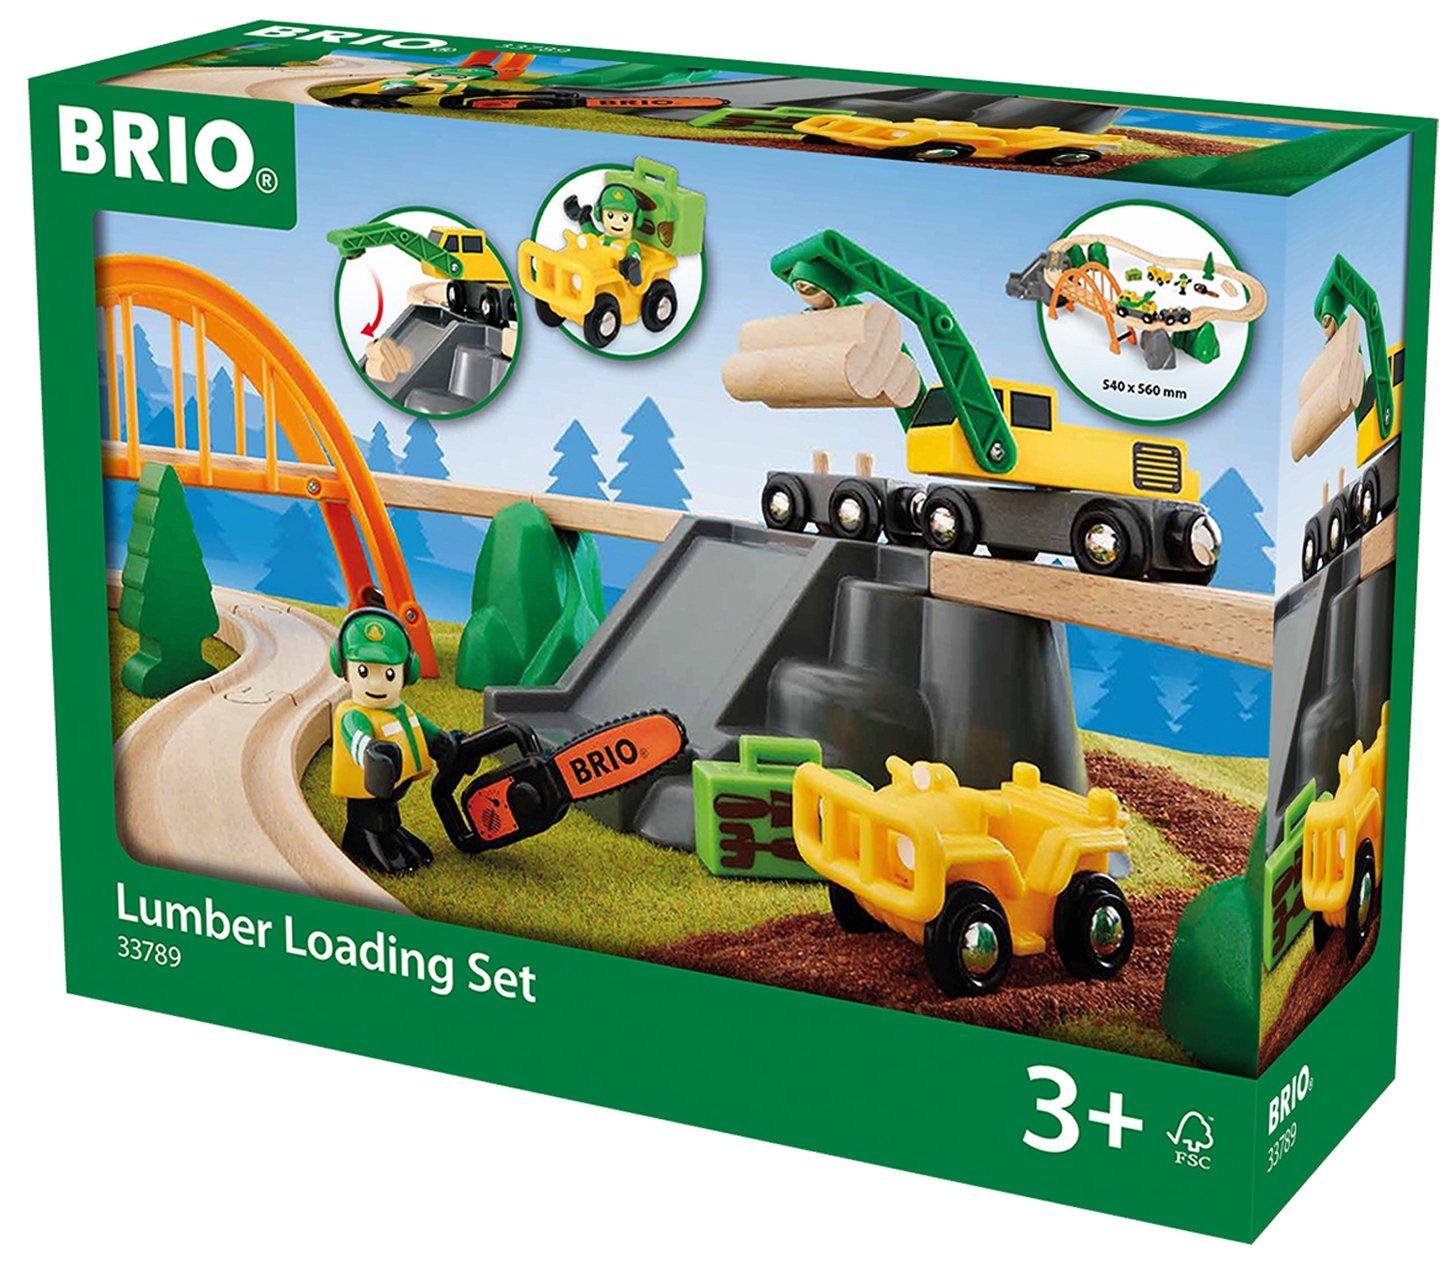 33789 BRIO Lumber Loading Set